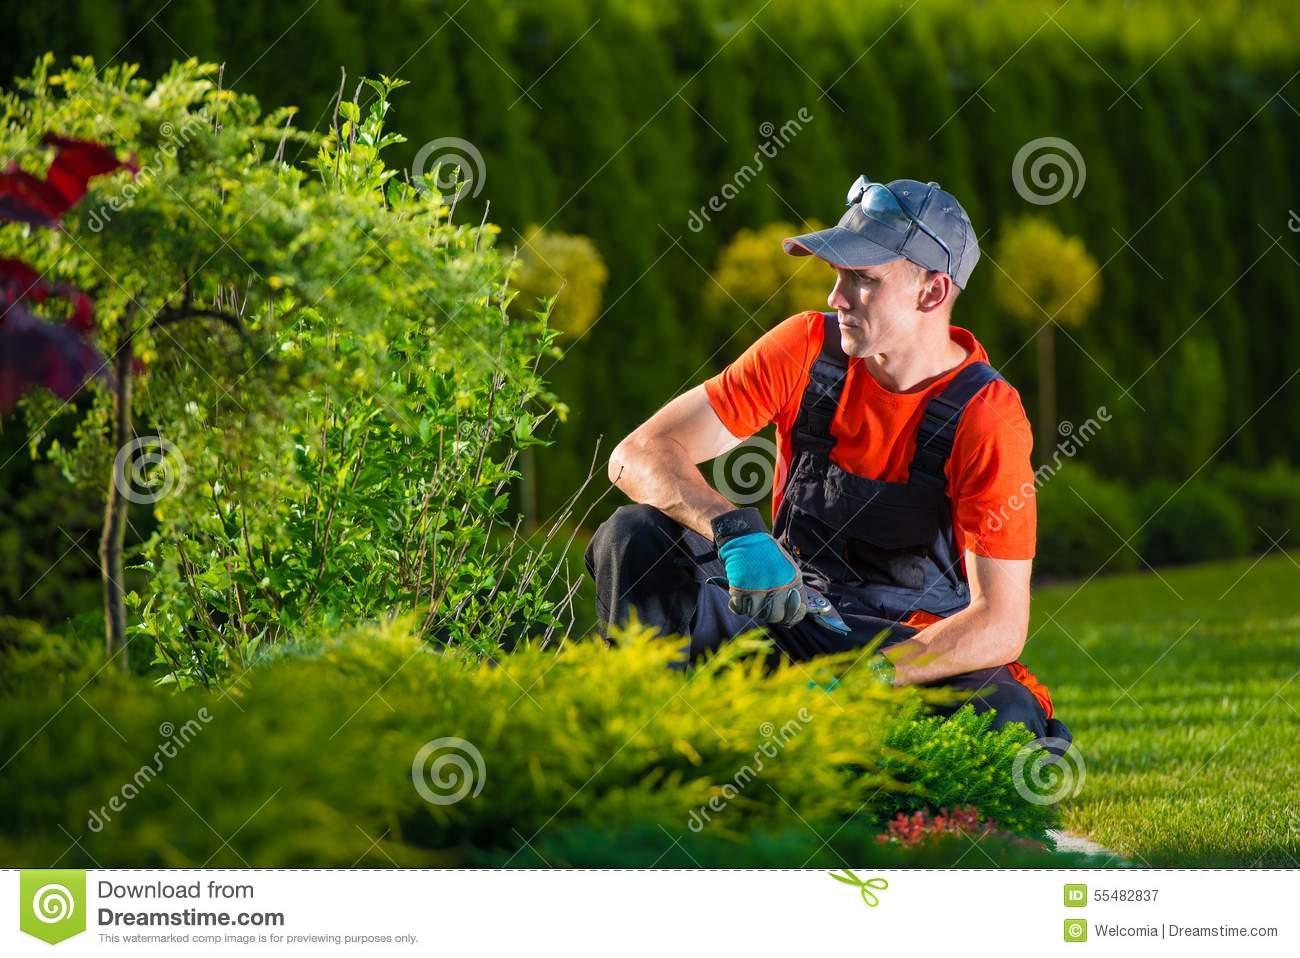 Gartendesigner Schön Kreativer Gartendesigner Stockbild Bild Von Beruf